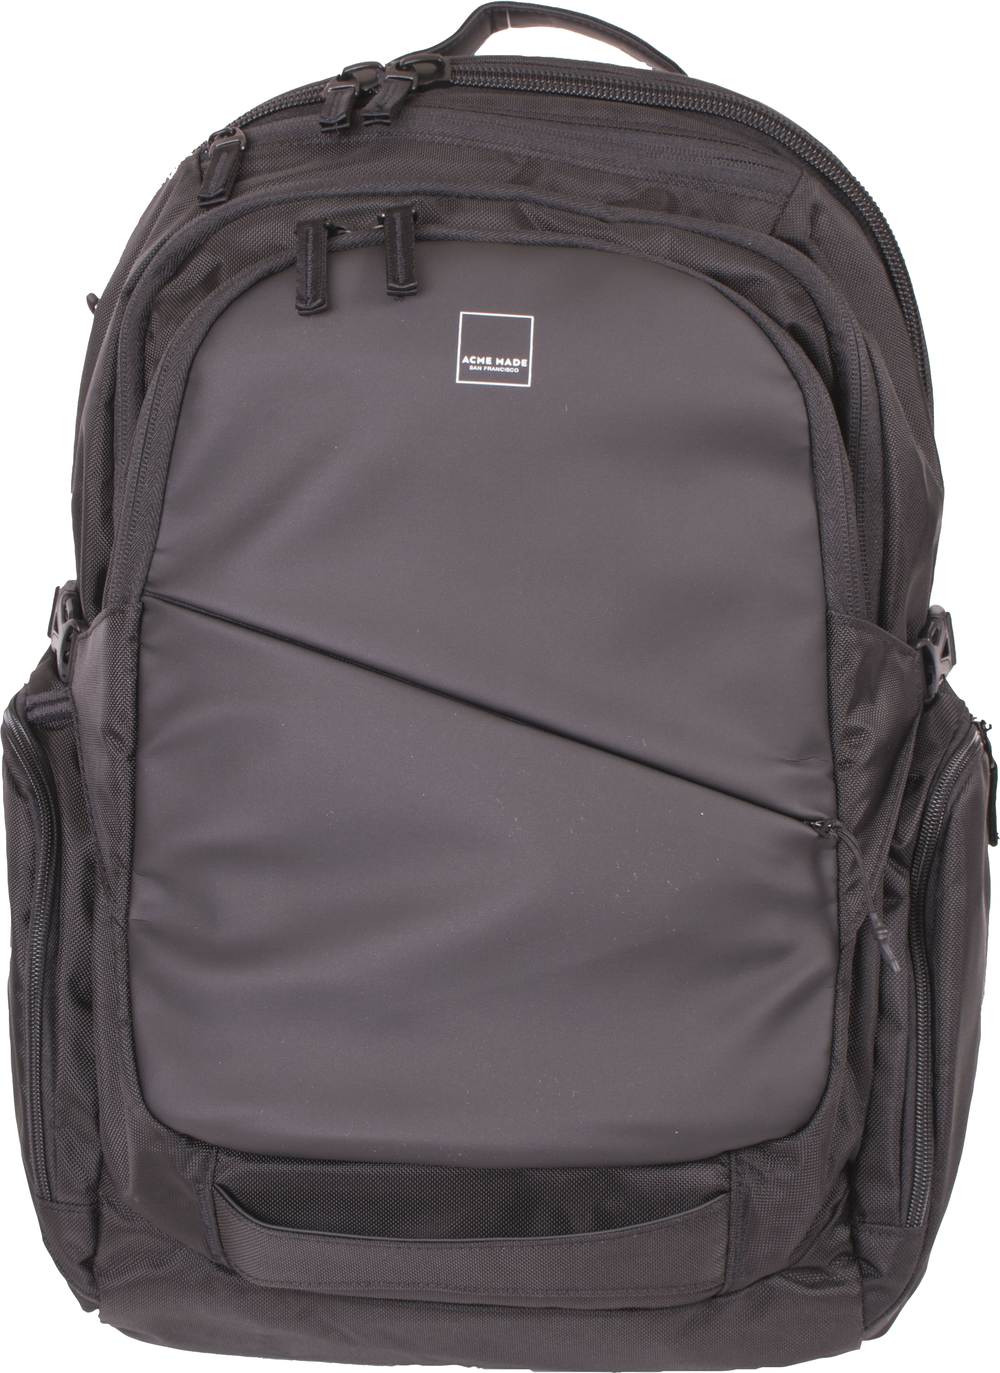 Union Street Traveler Backpack  Black